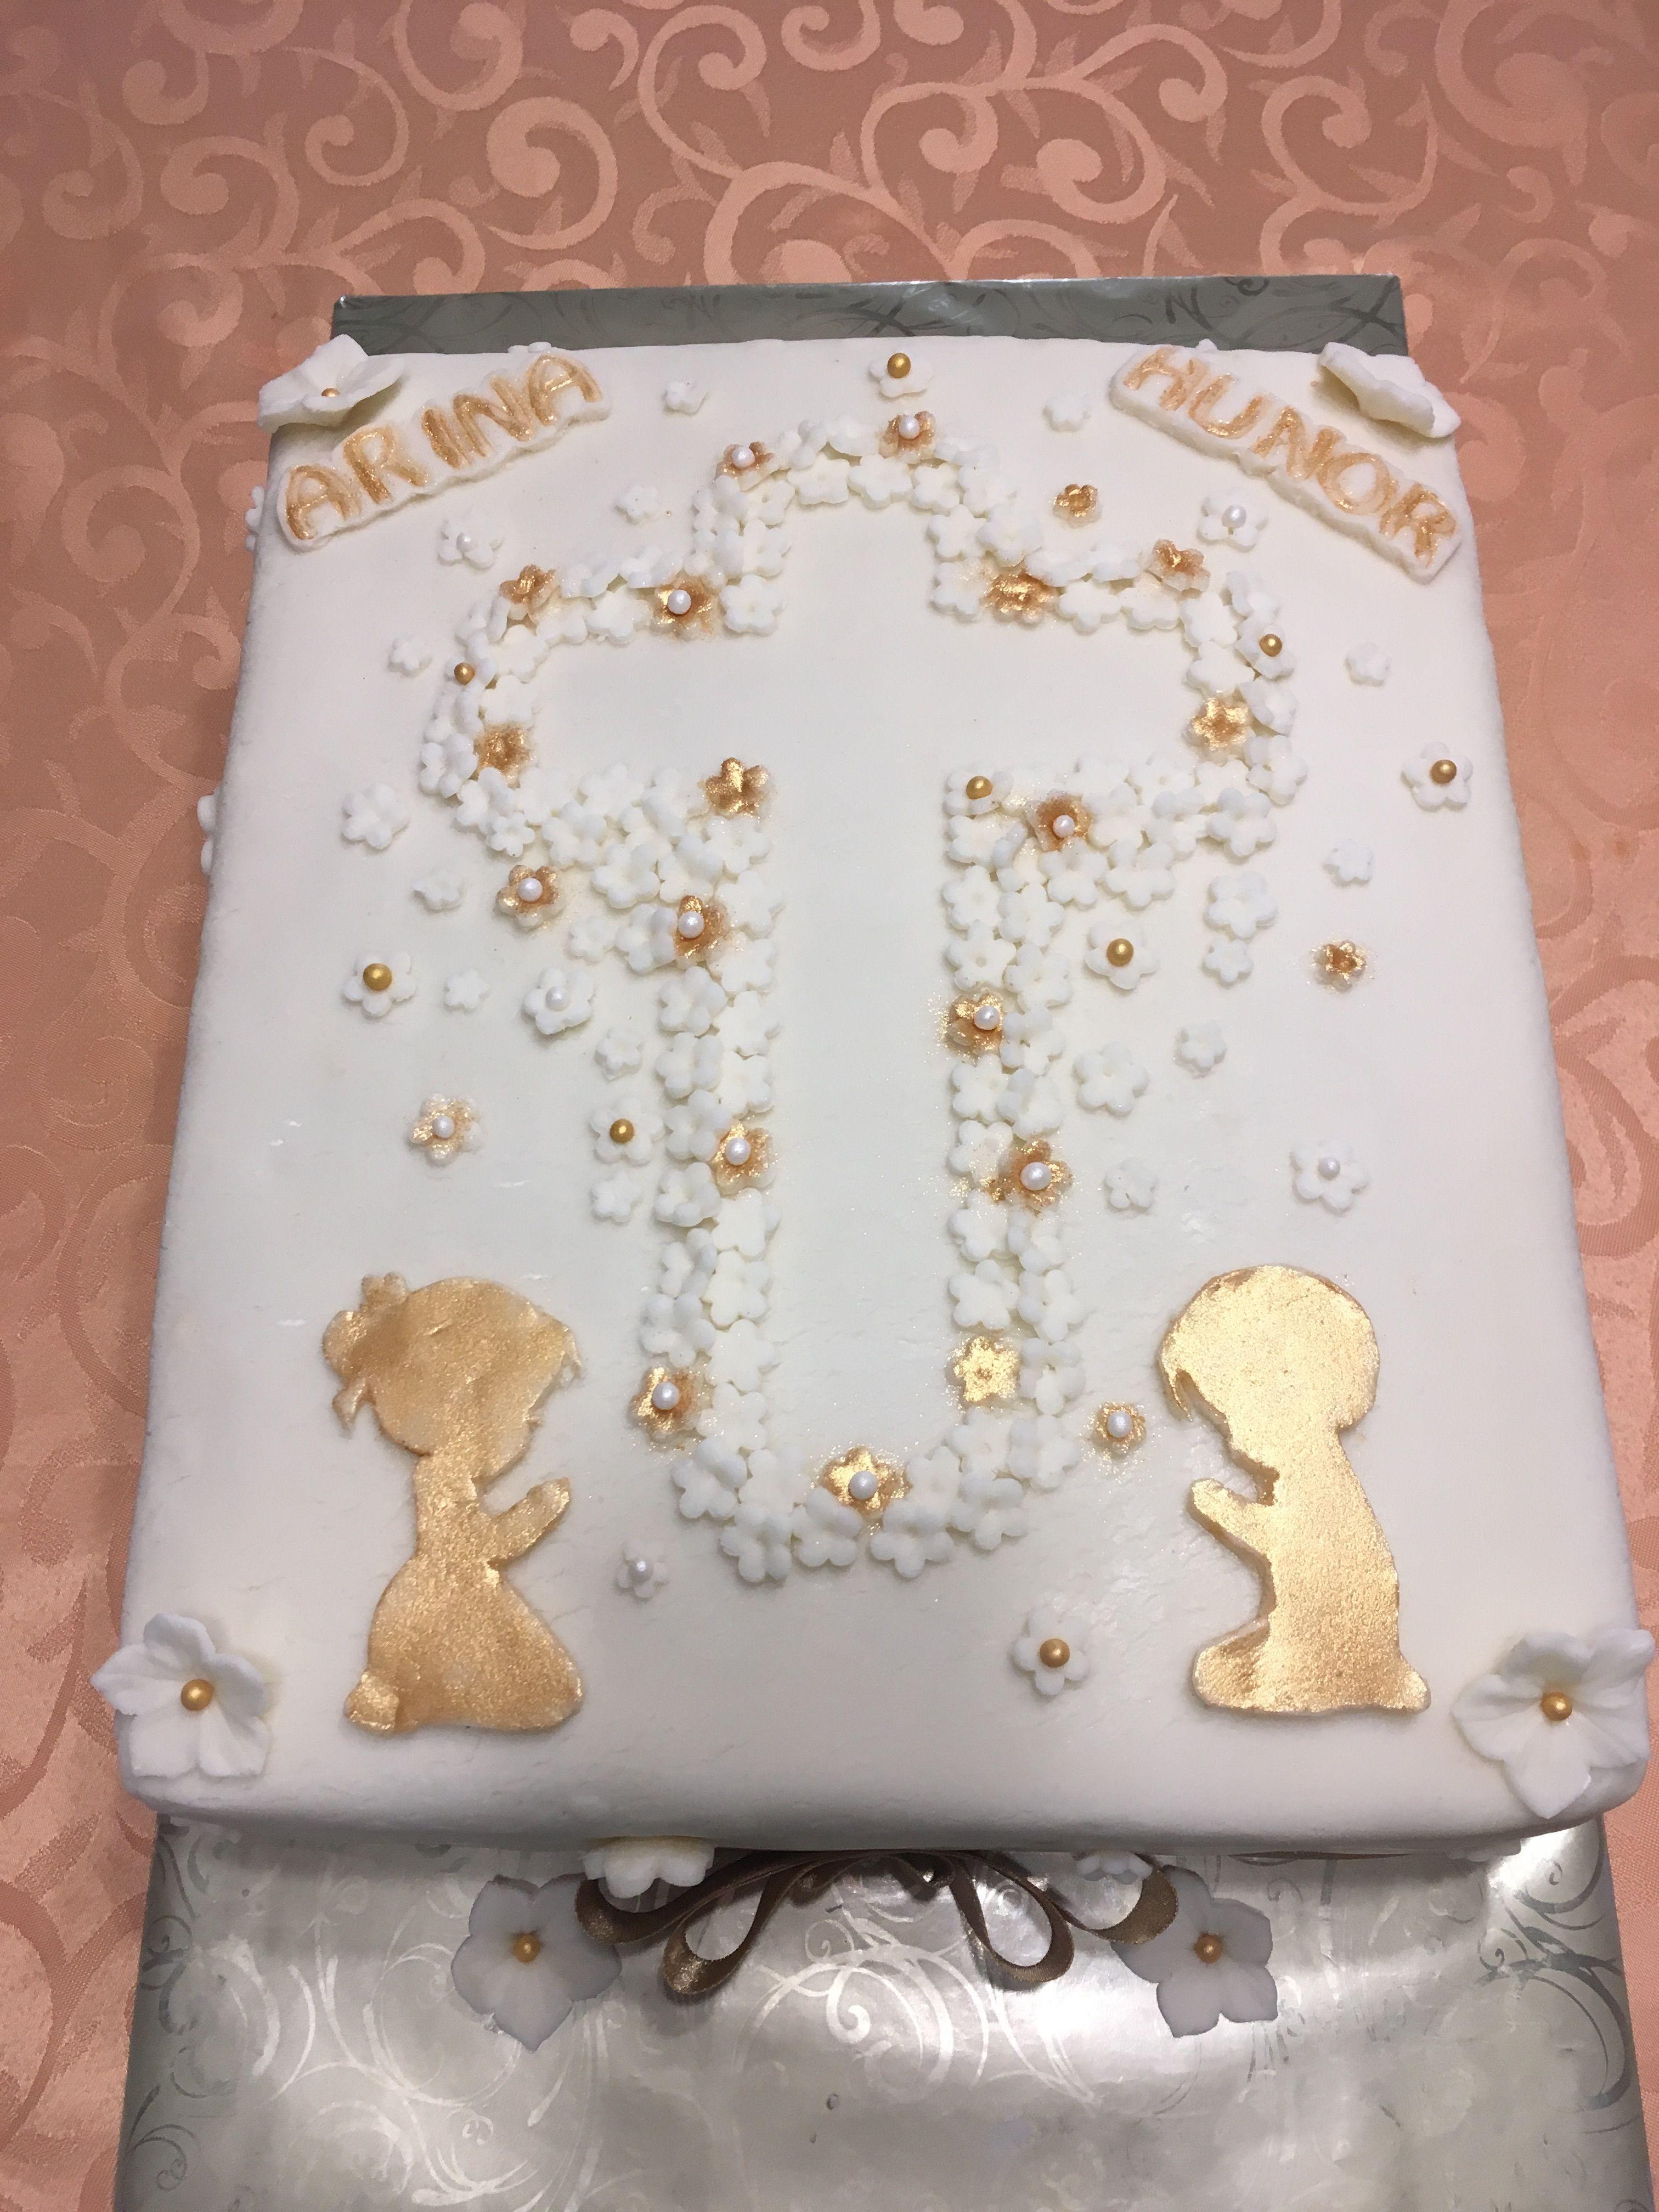 keresztelő torta képek Keresztelő torta | Brigi tortái | Pinterest keresztelő torta képek